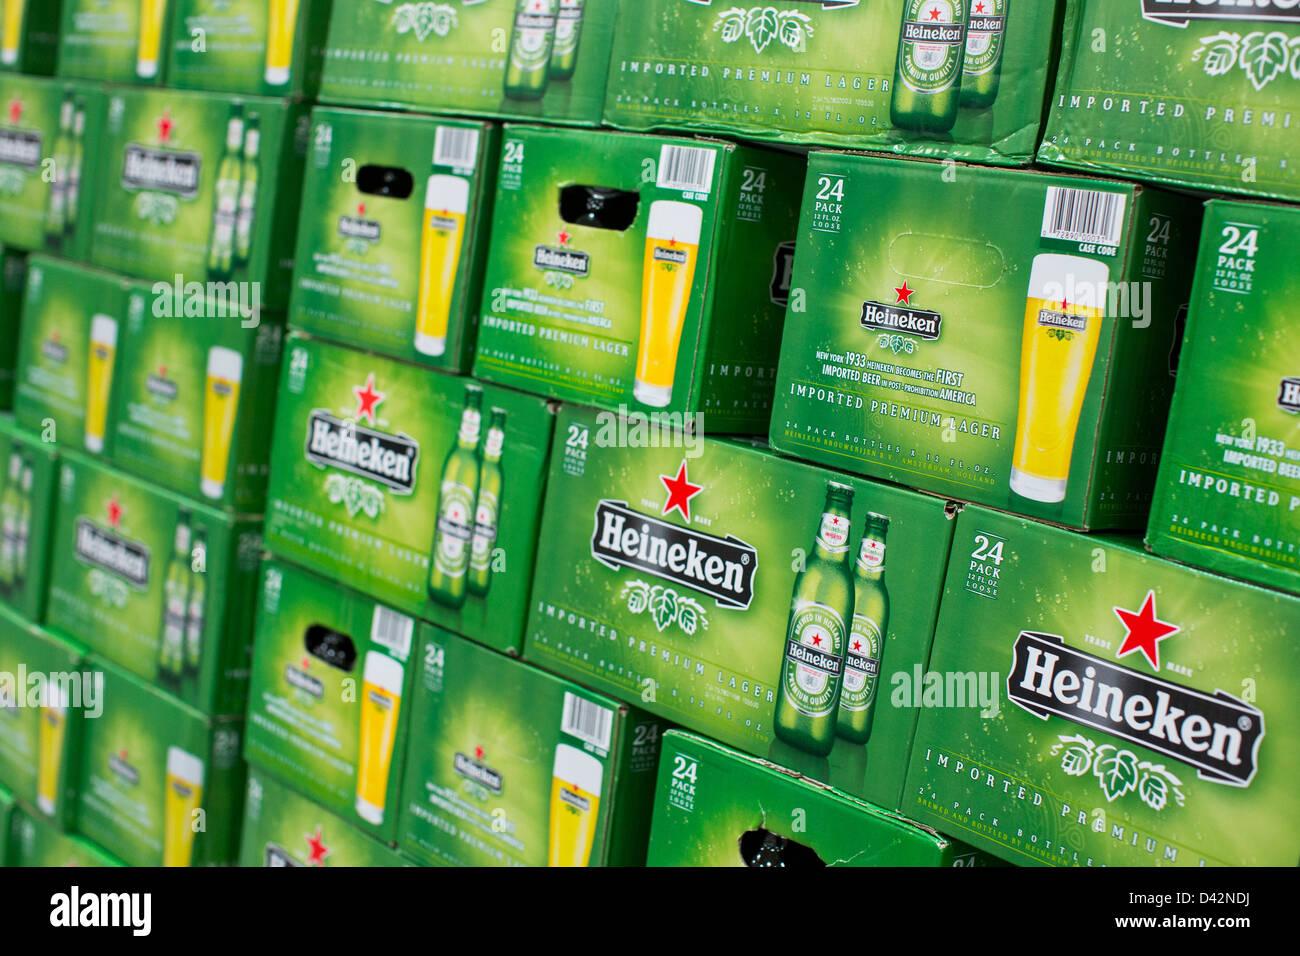 Heineken beer on display at a costco wholesale warehouse club stock heineken beer on display at a costco wholesale warehouse club thecheapjerseys Images